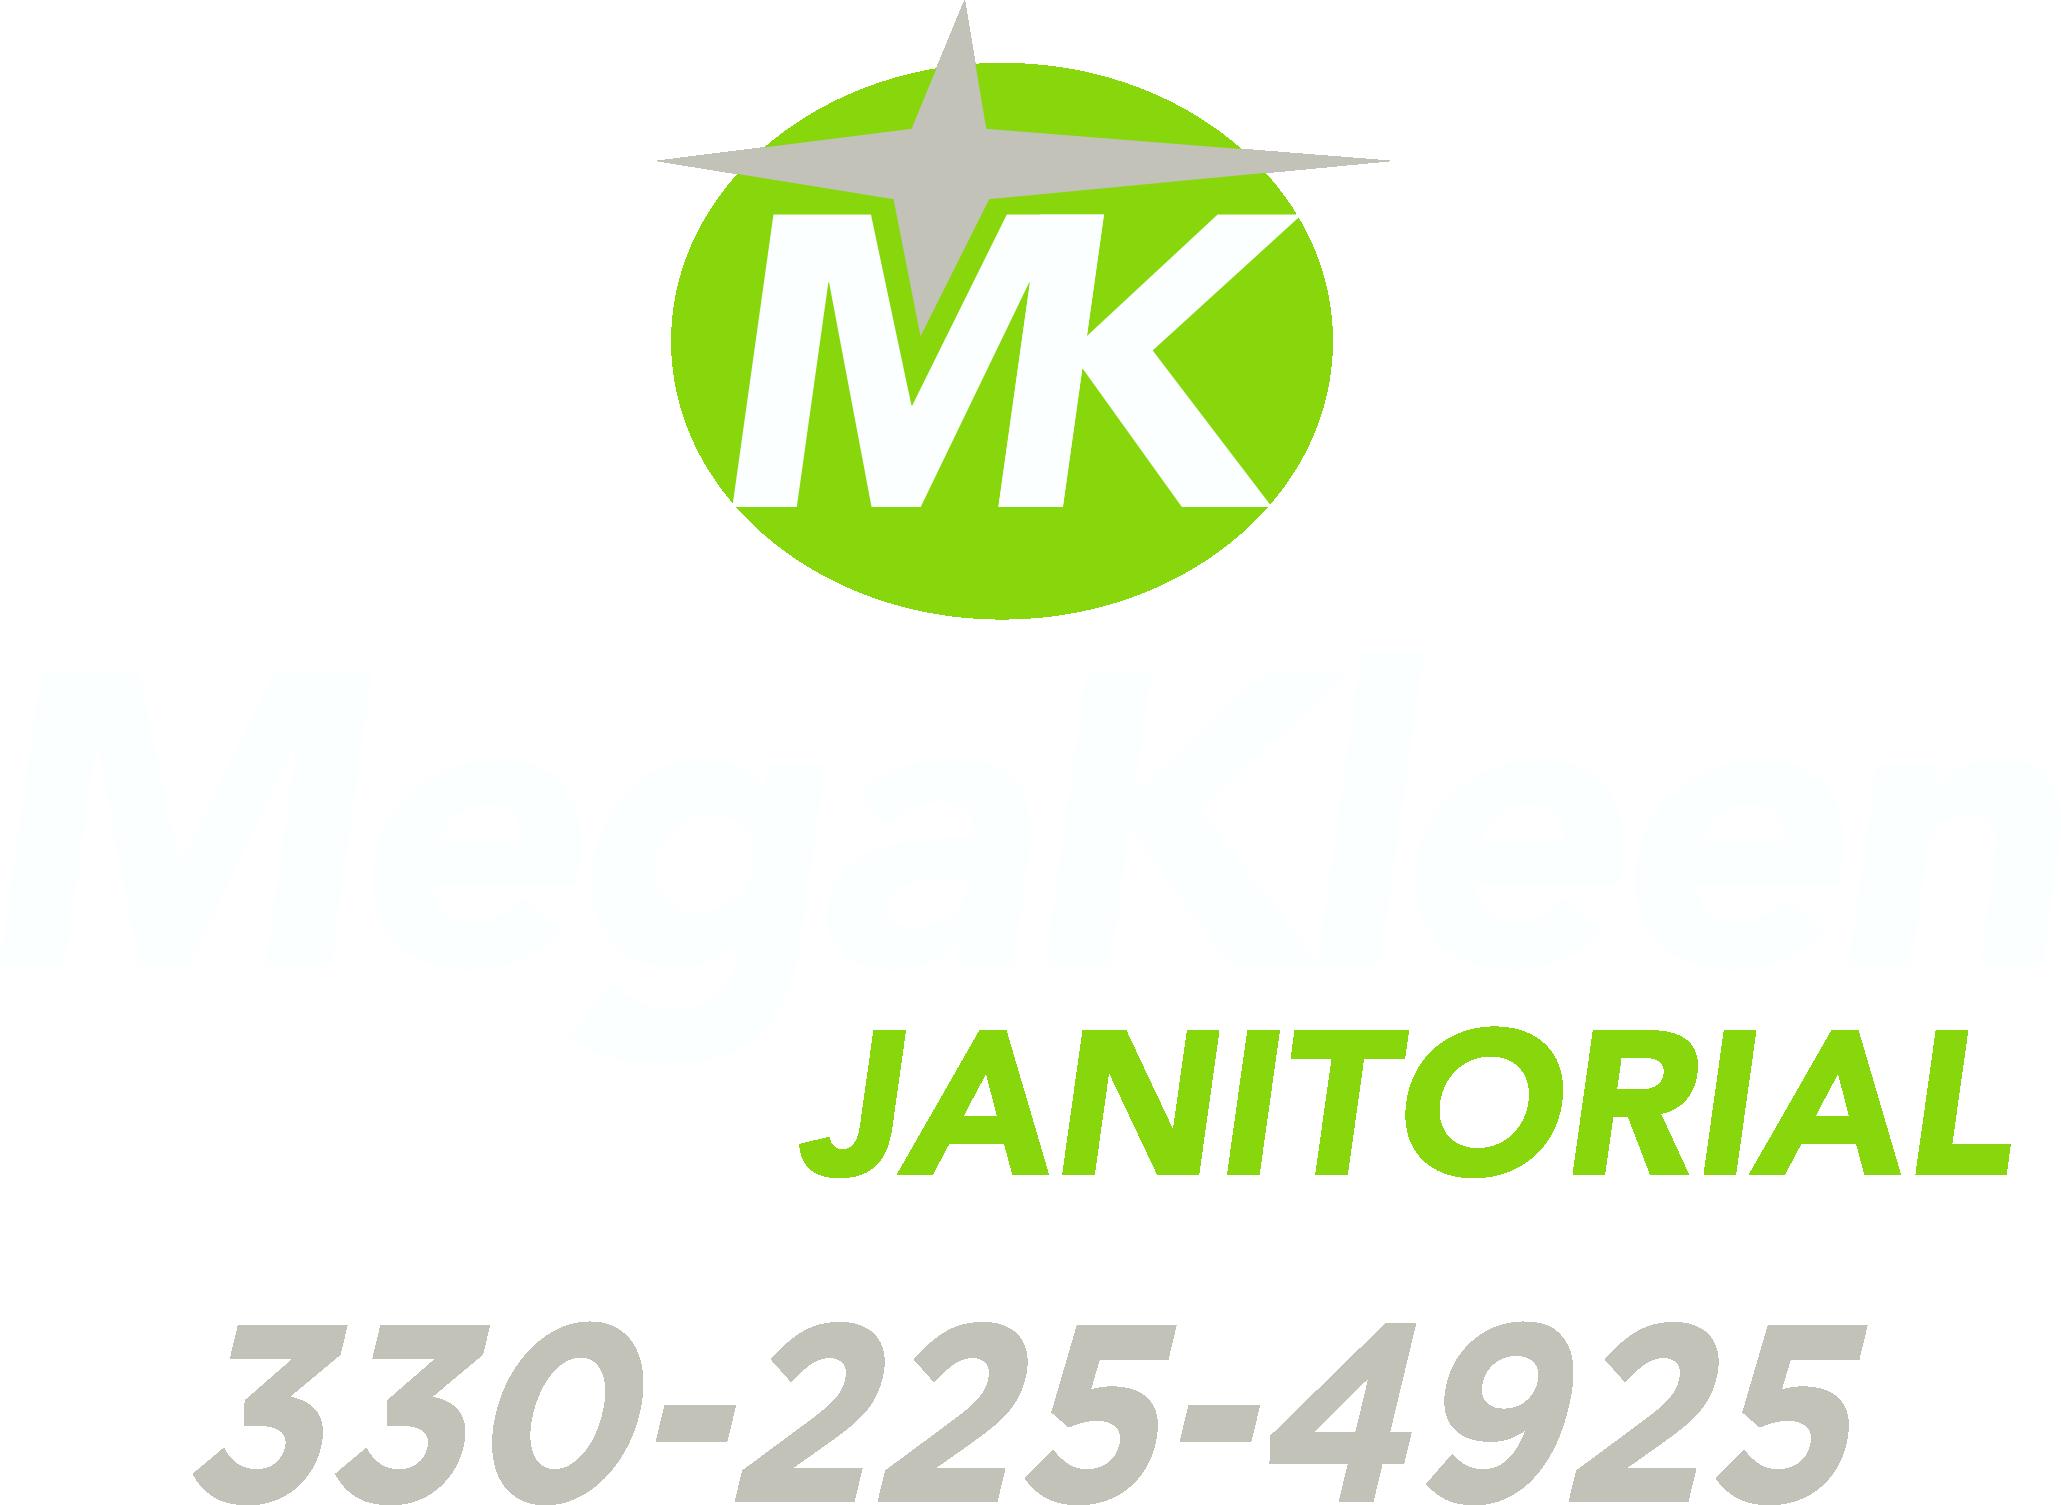 Mega Kleen Janitorial INC